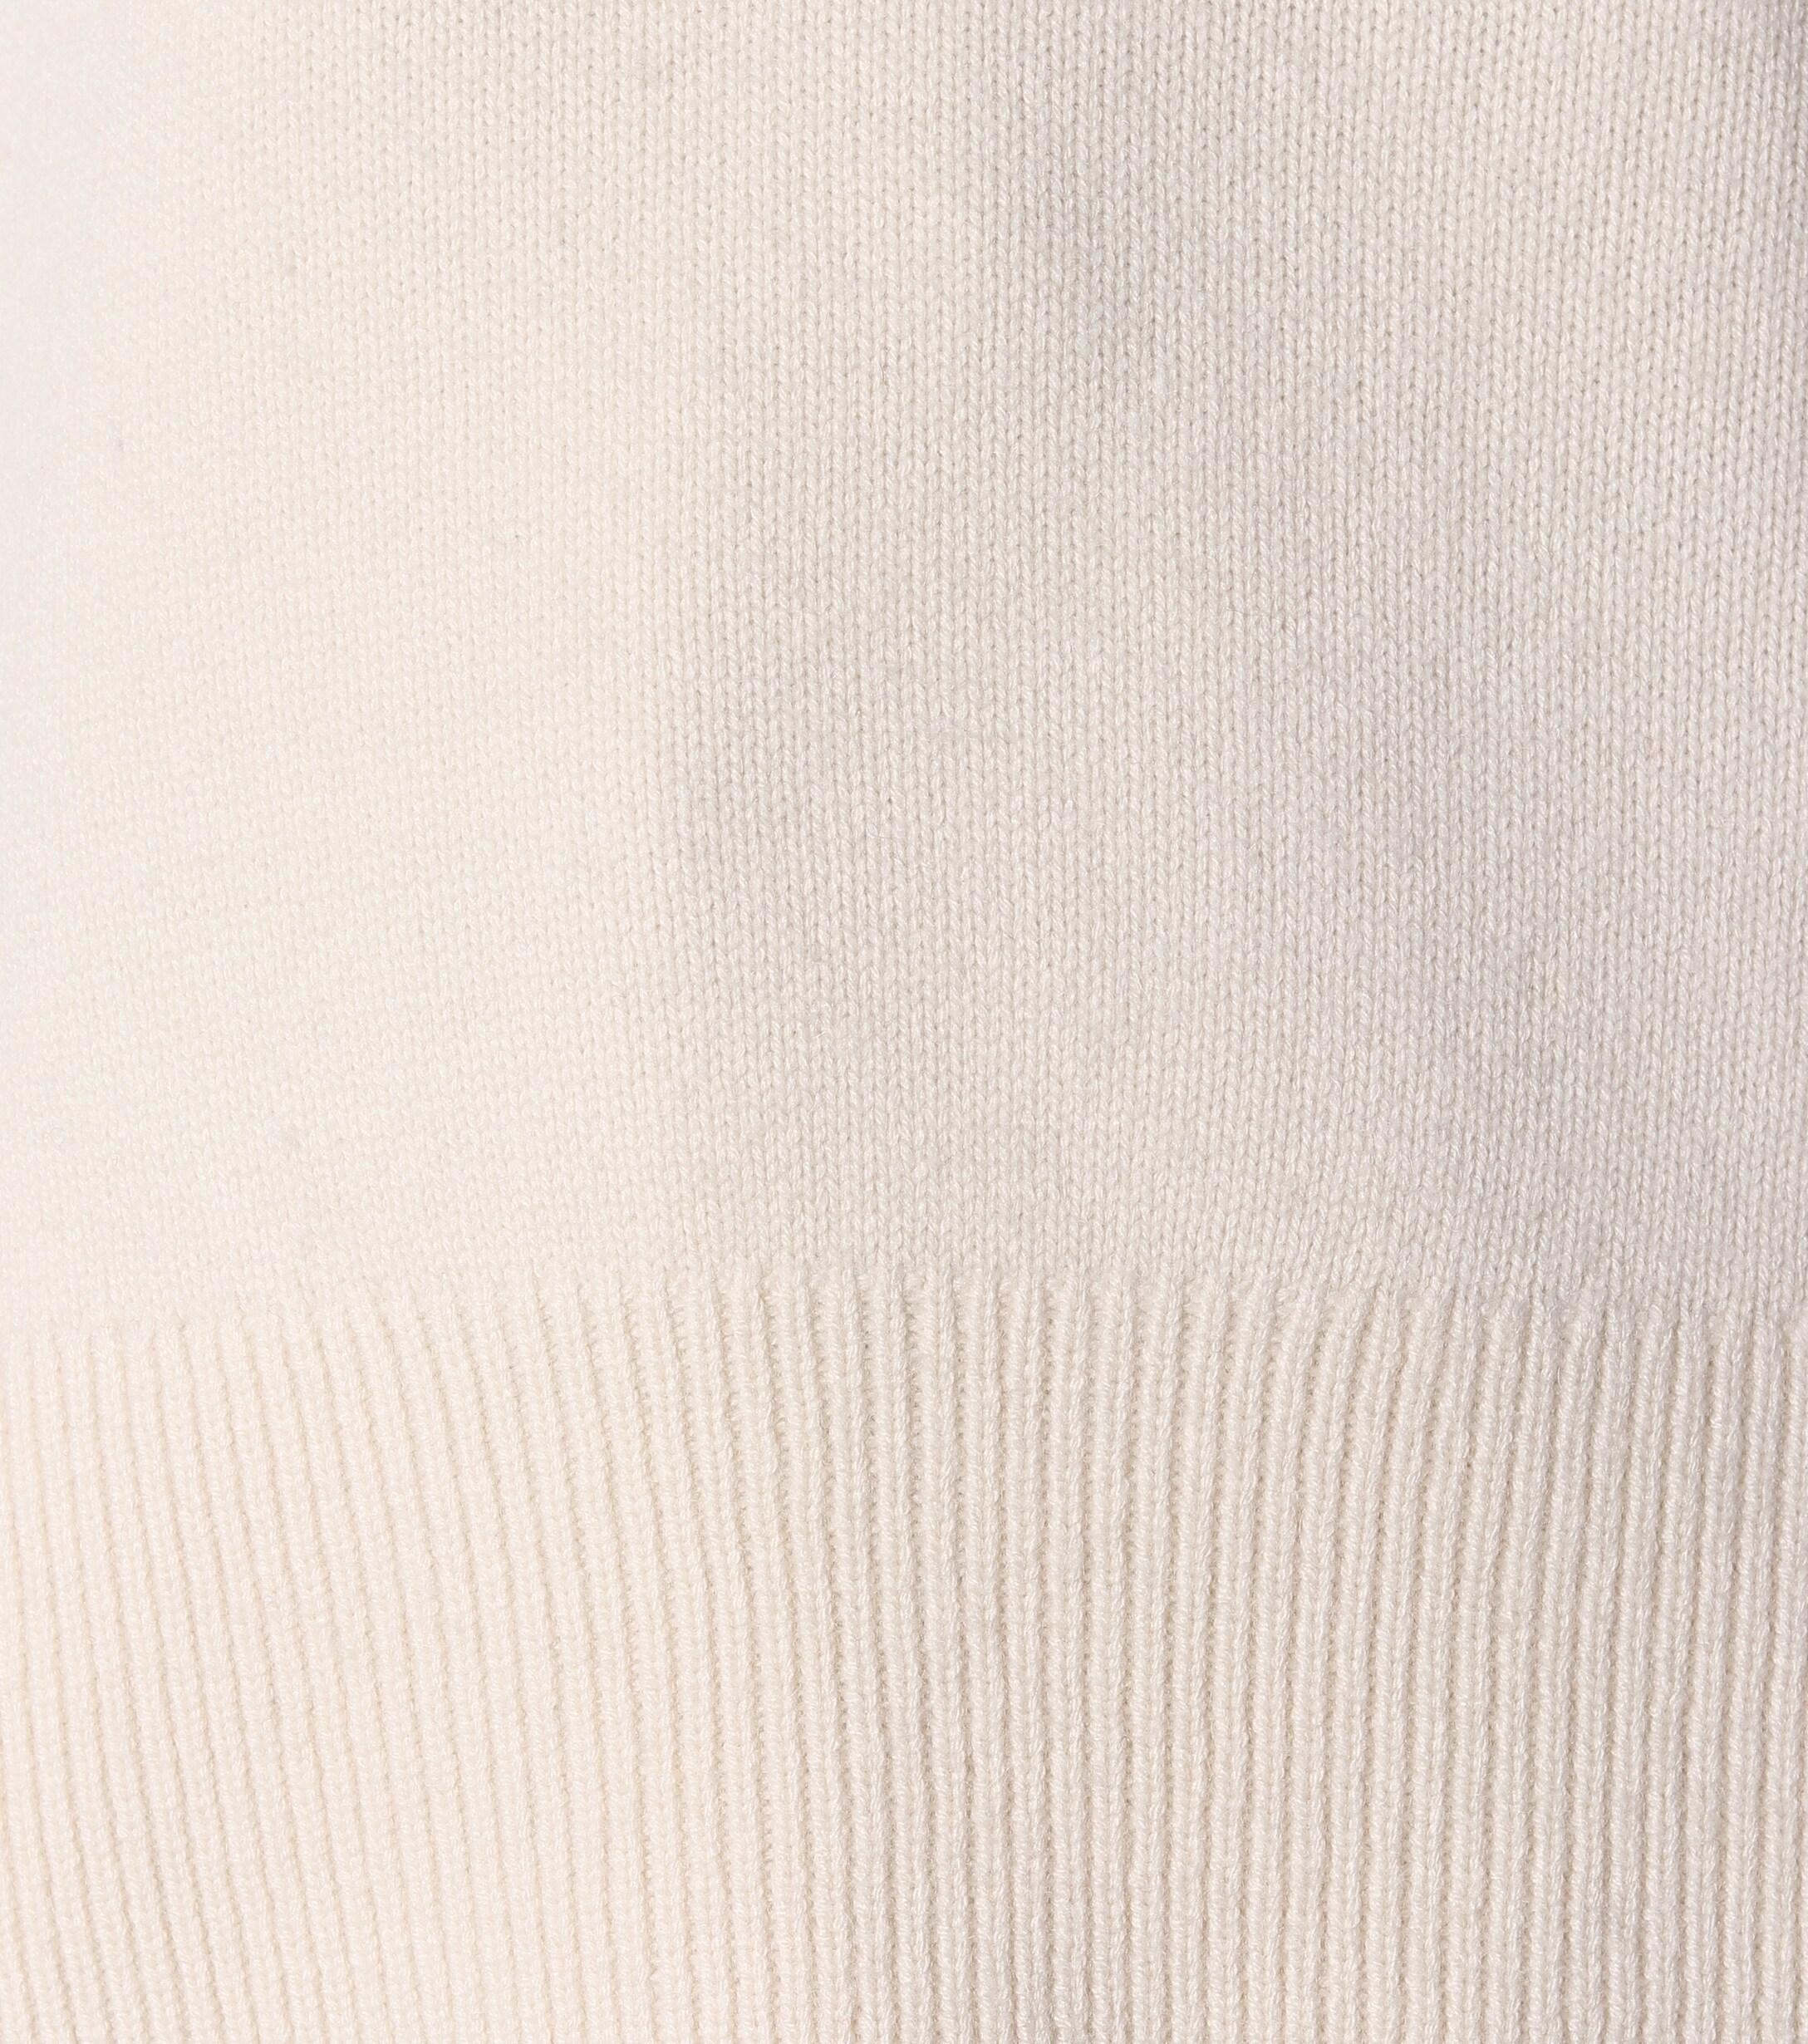 Jersey de lana y cachemir Co. de Lana de color Blanco